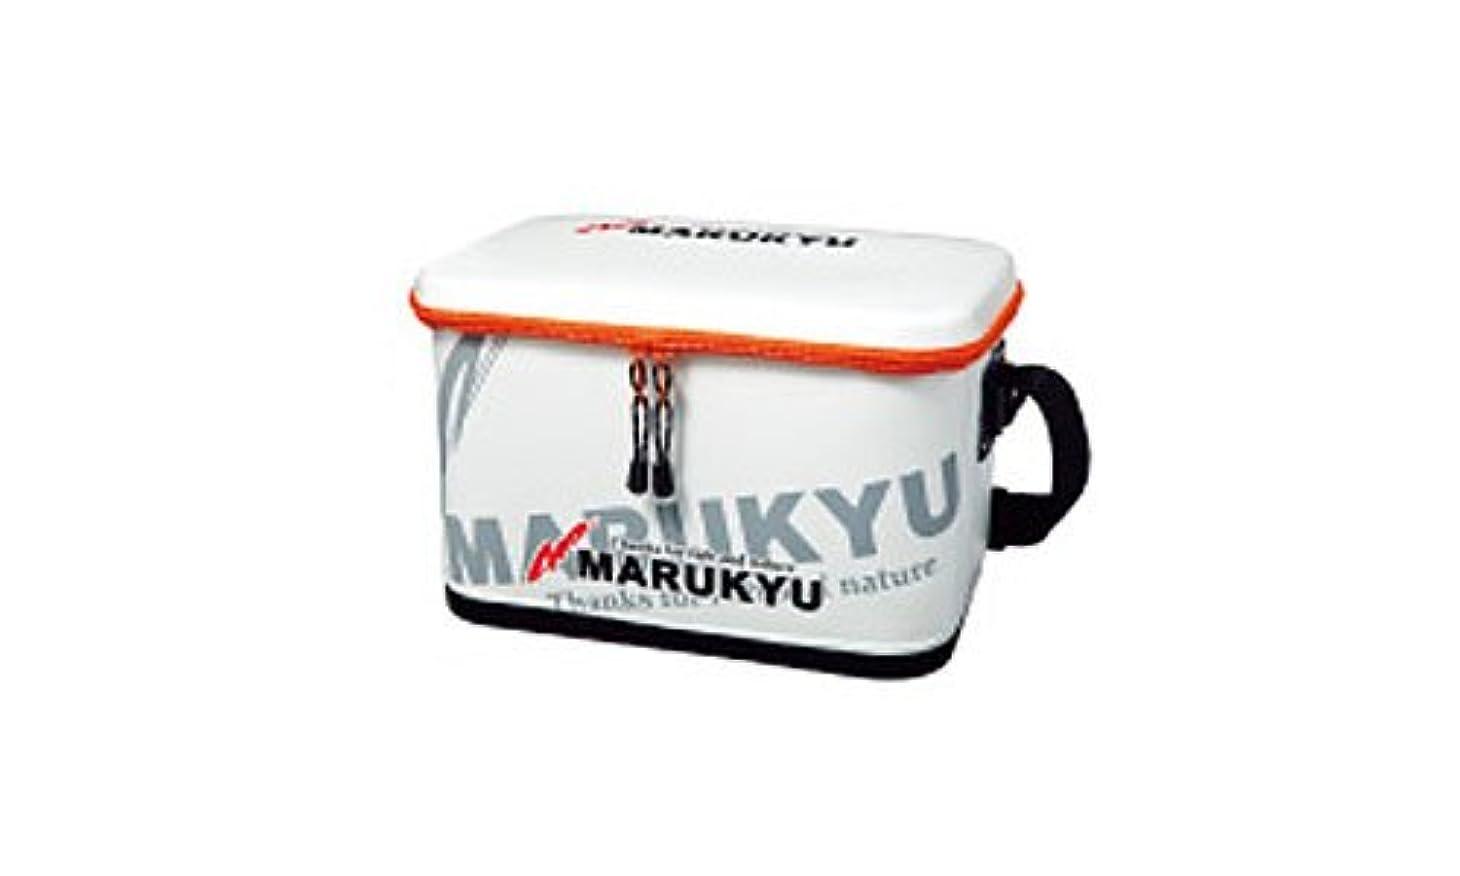 テント仕様農民マルキュー(MARUKYU) プライムエリア ドライバッグMA-02αホワイト